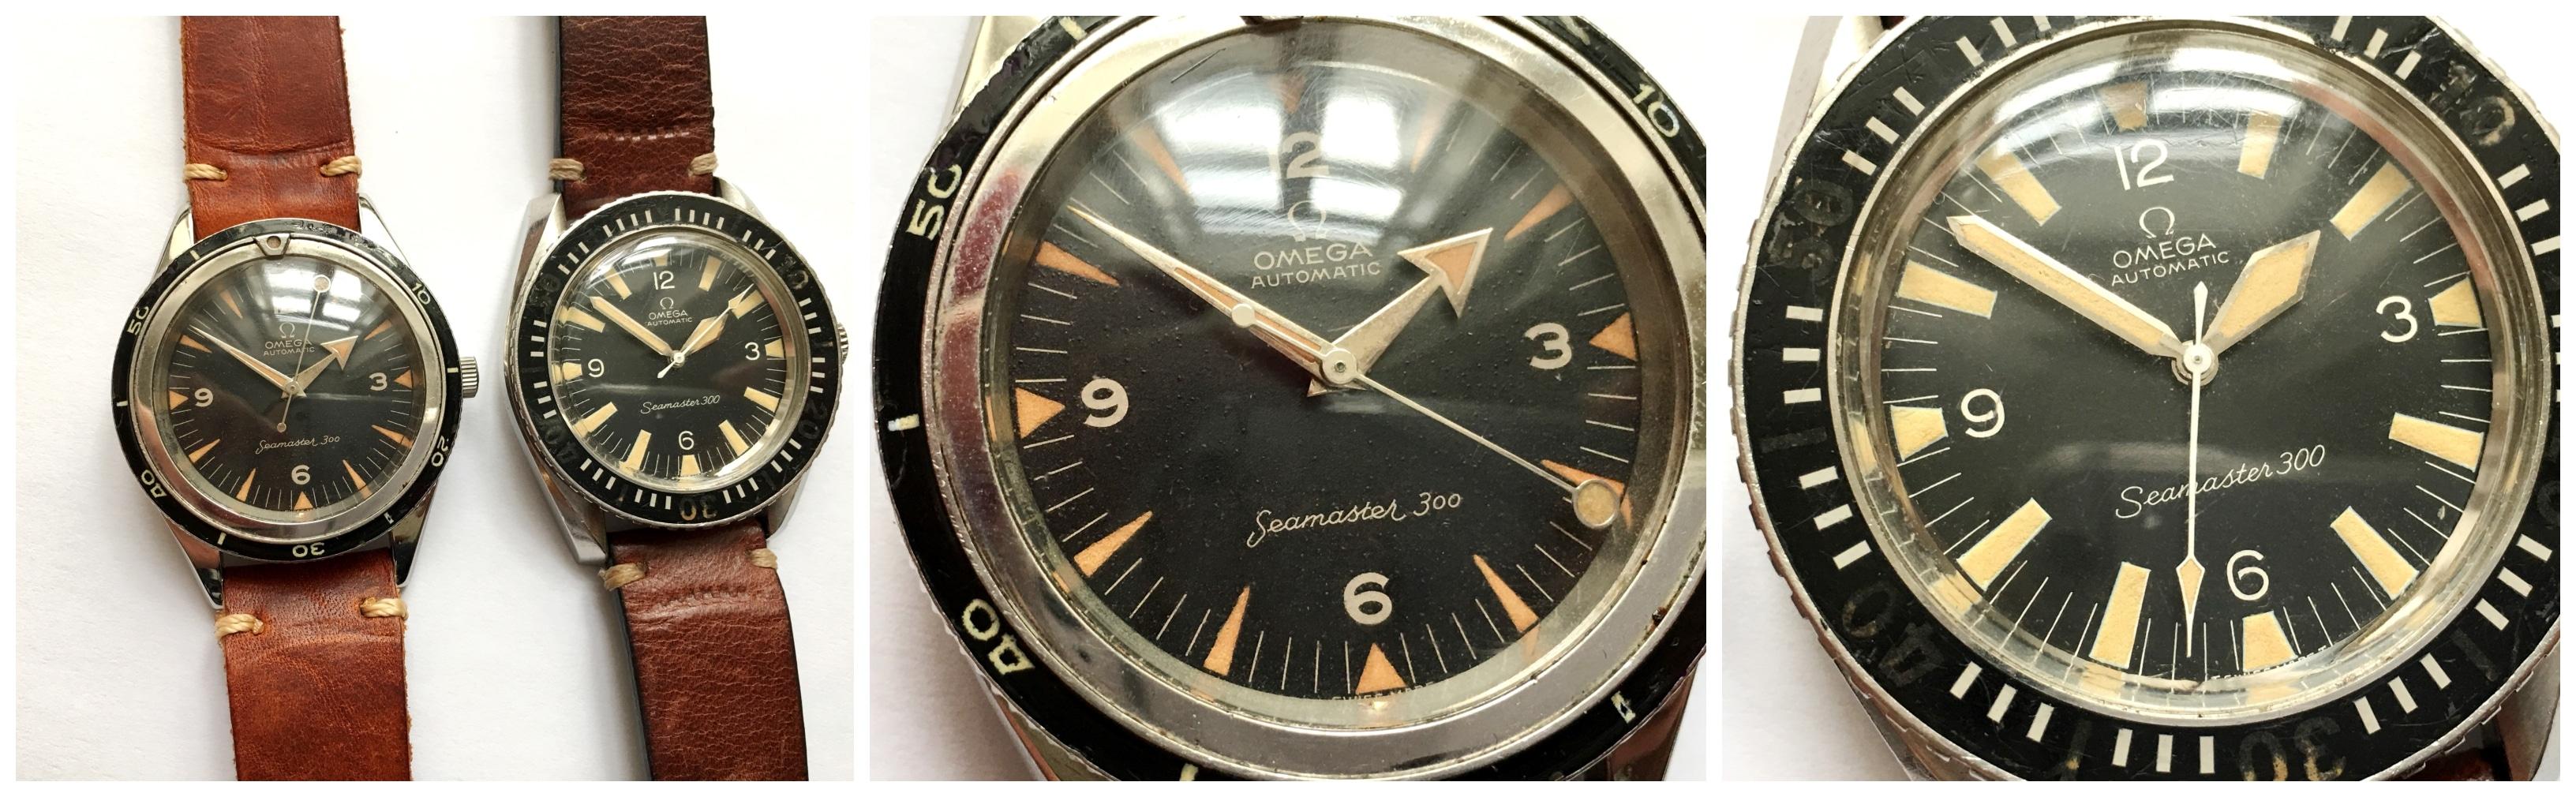 Vintage Legends: Omega Seamaster 300